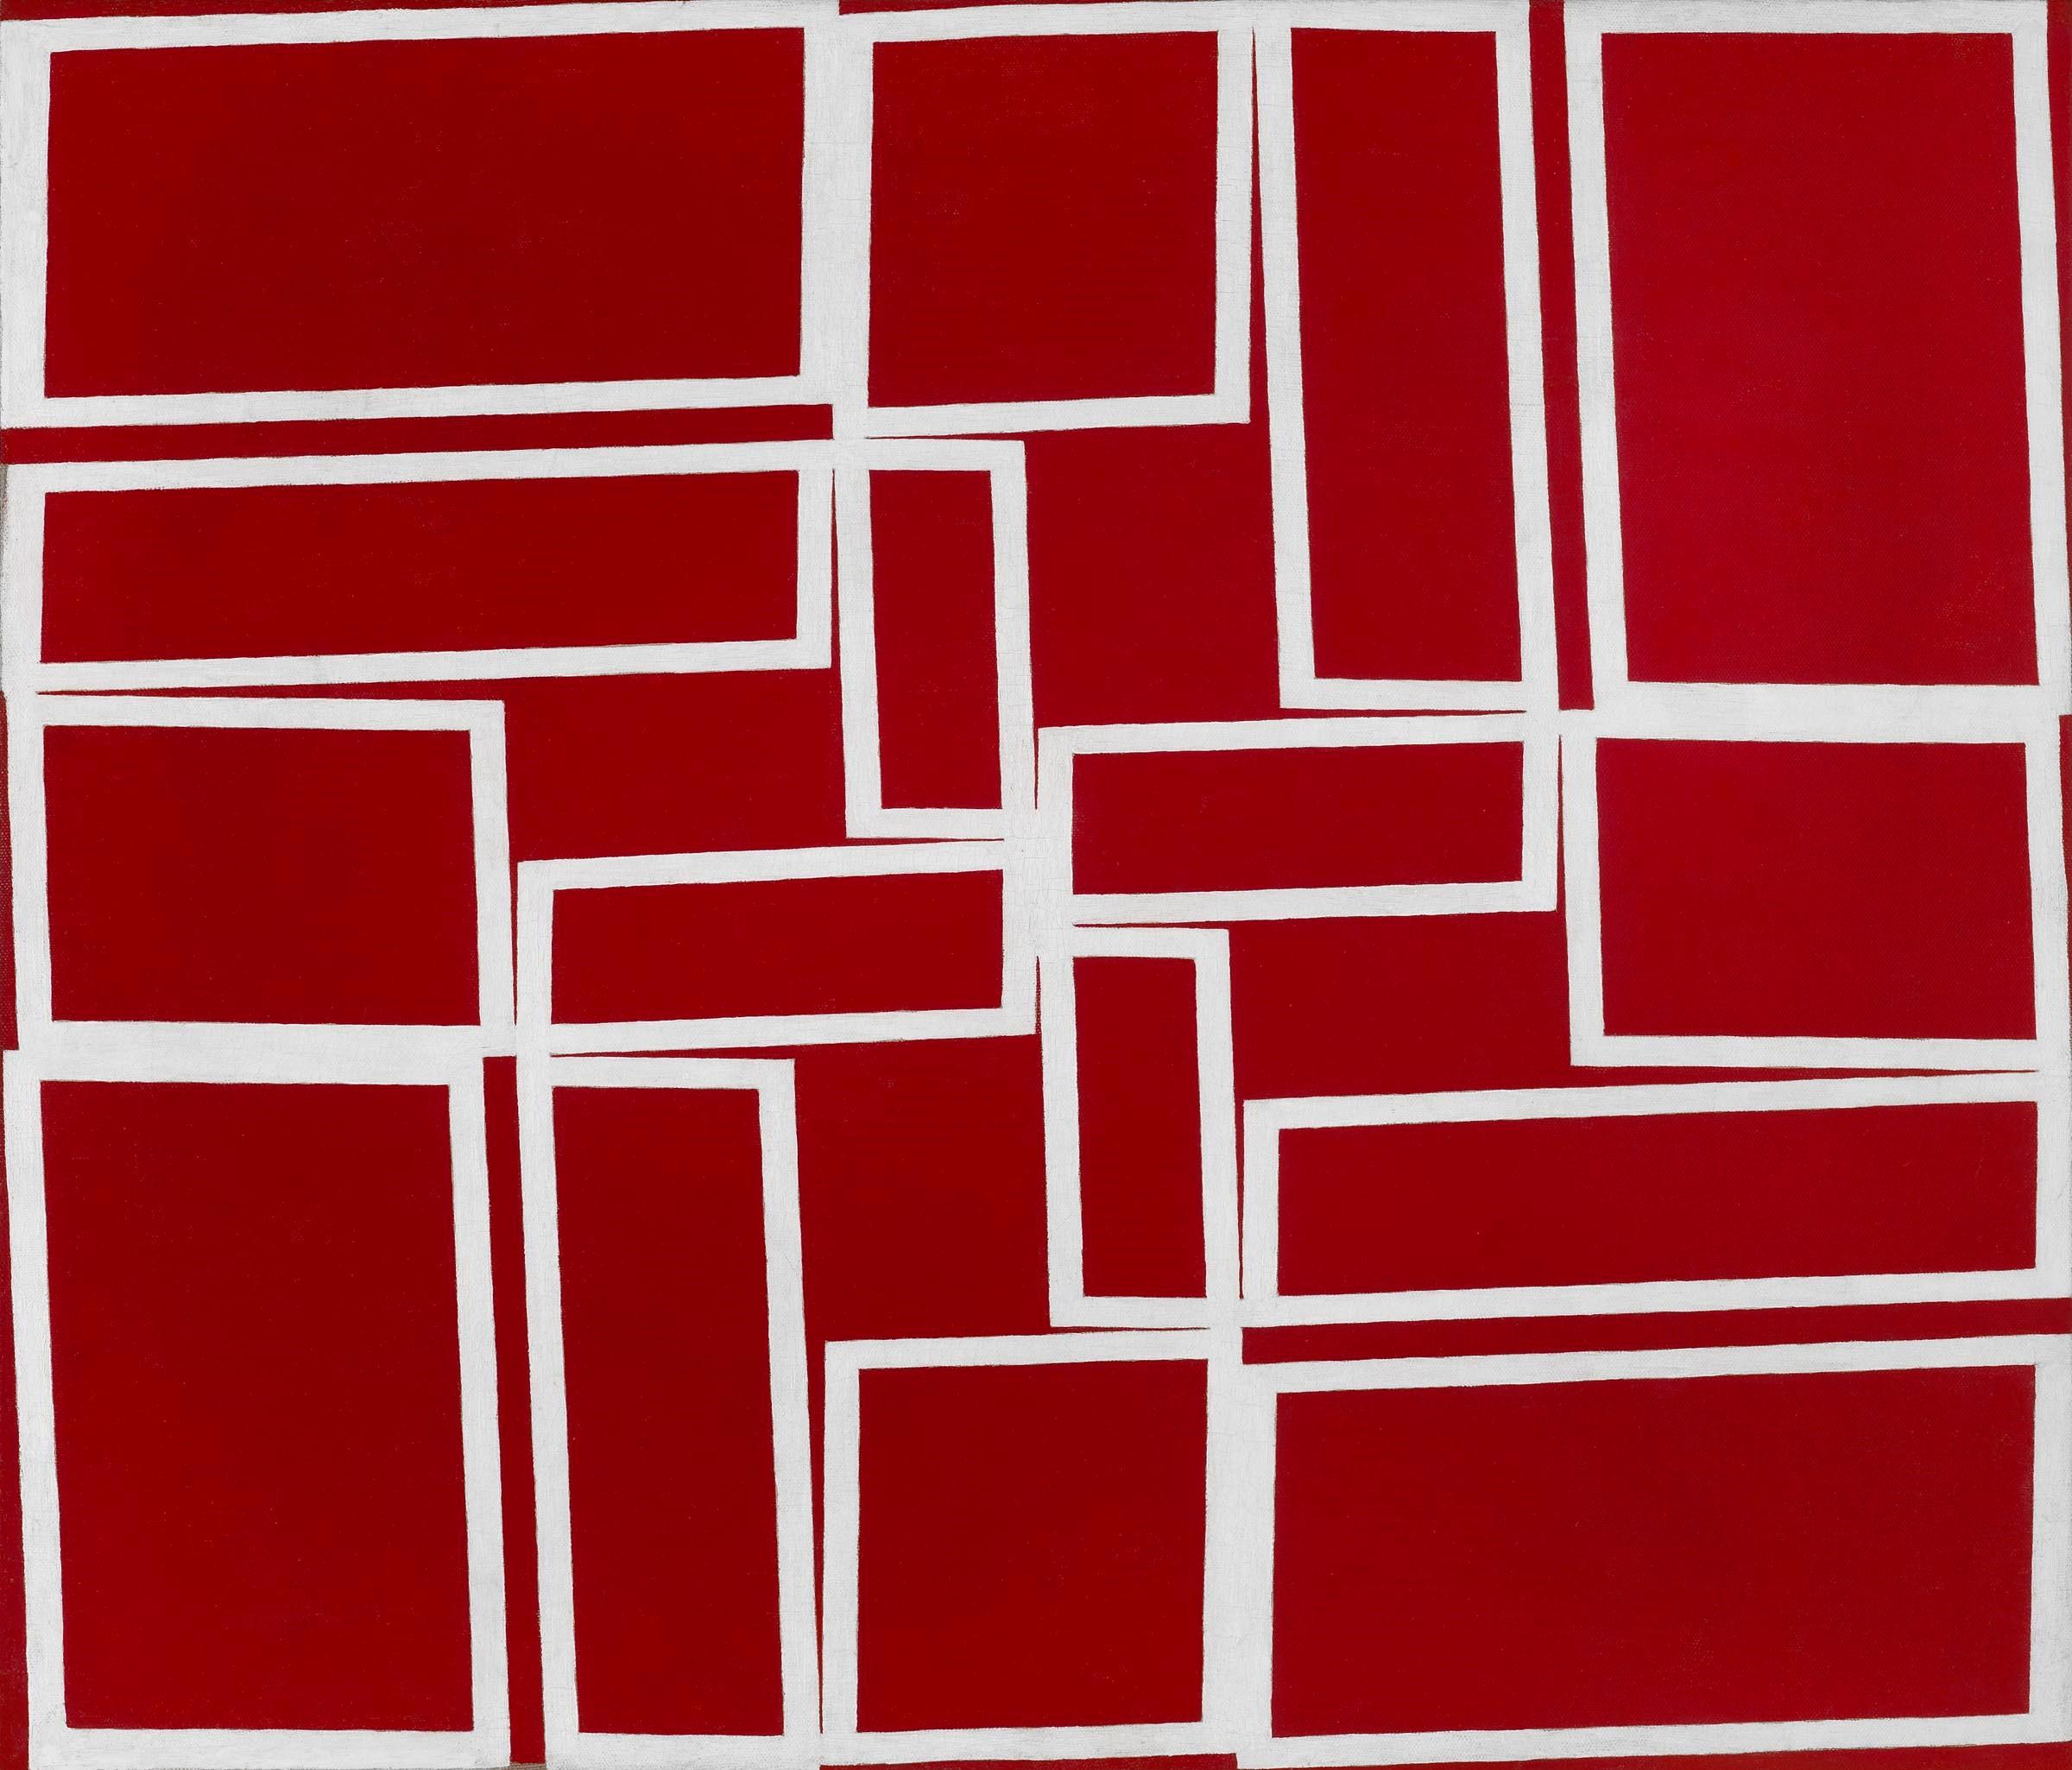 Oiticica - Vermelho cortando o branco